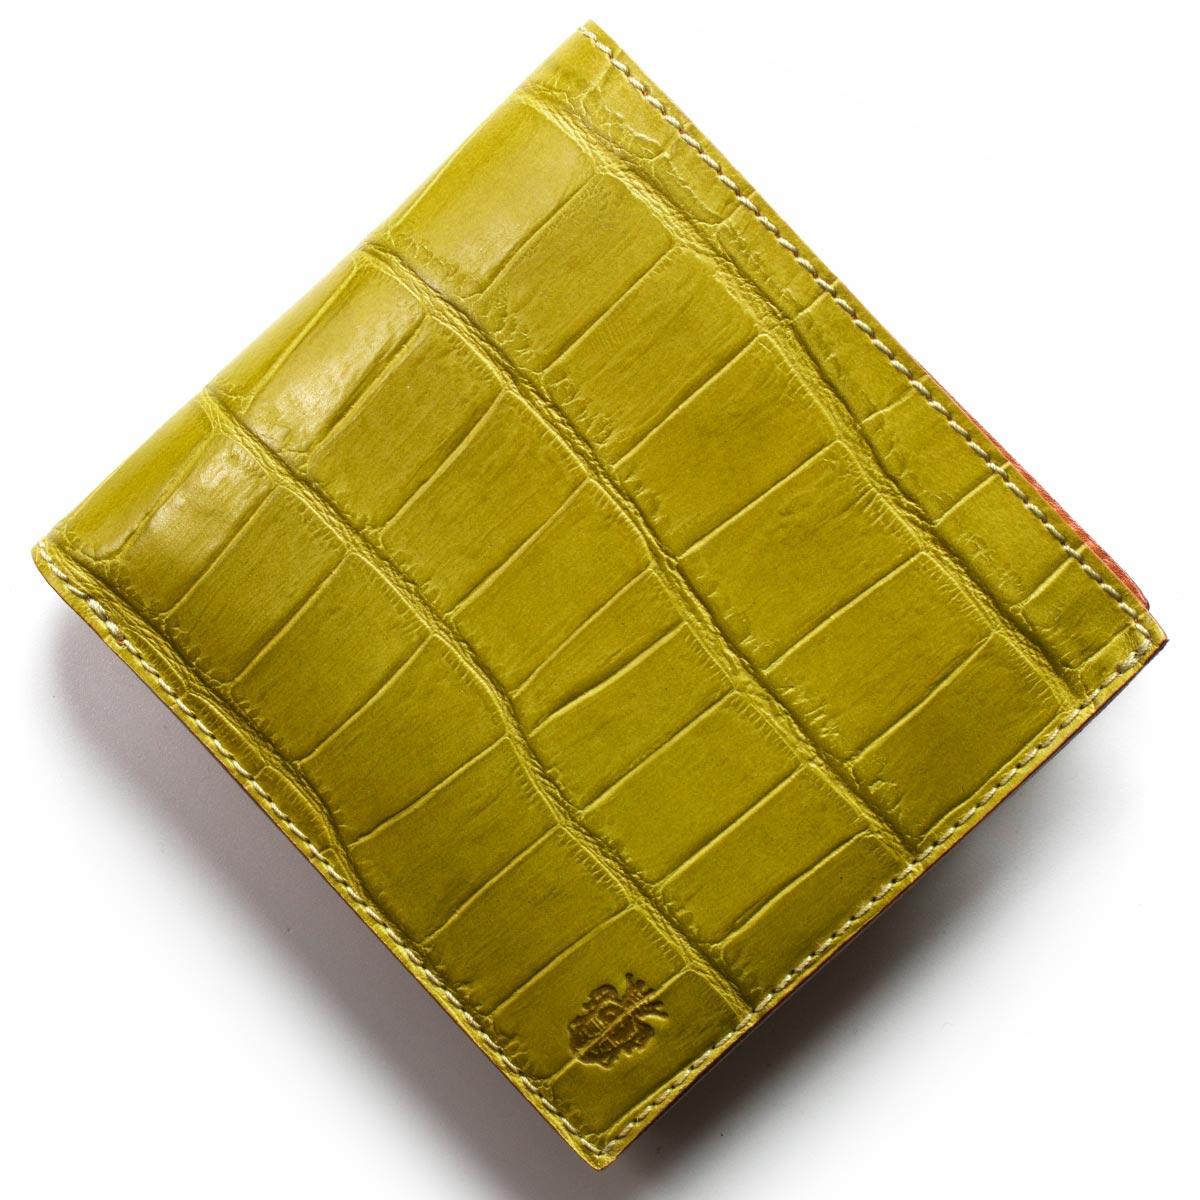 フェリージ 二つ折り財布 財布 メンズ クロコ型押し カードケースセット ヴェルデグリーン 452 SA 0008 2018年春夏新作 FELISI